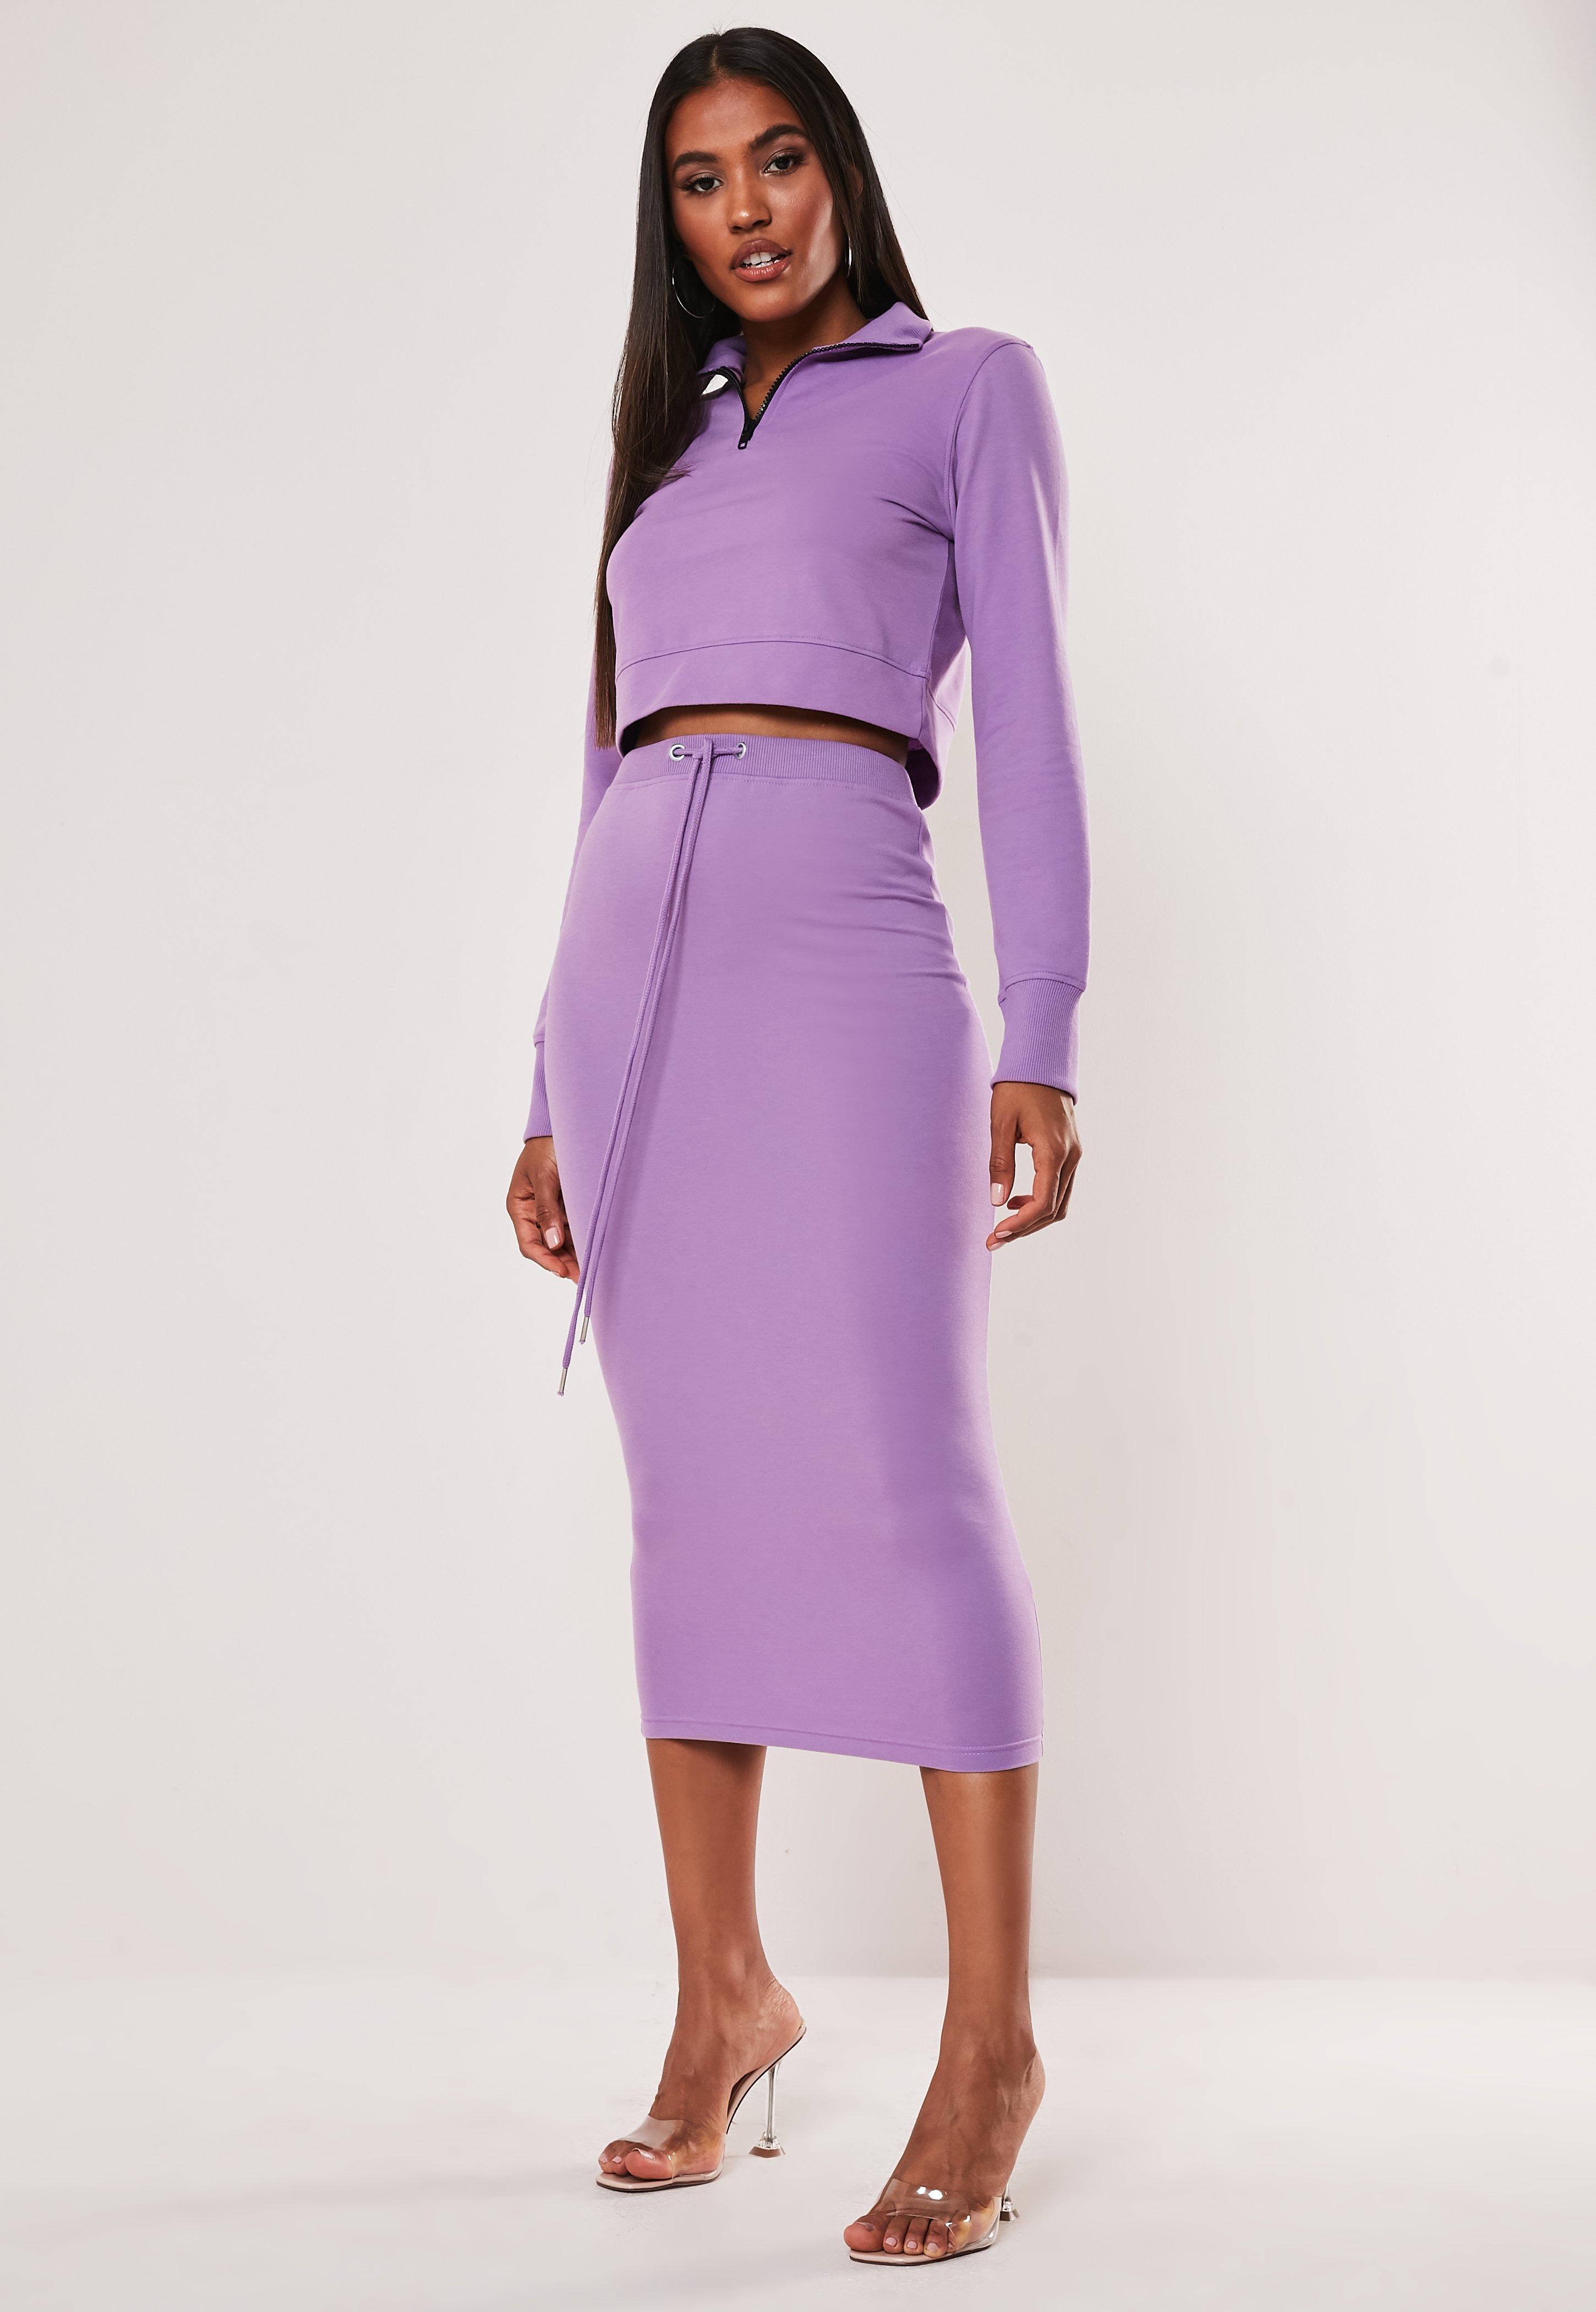 9da24e644e51af Jupe mi-longue violette avec élastique